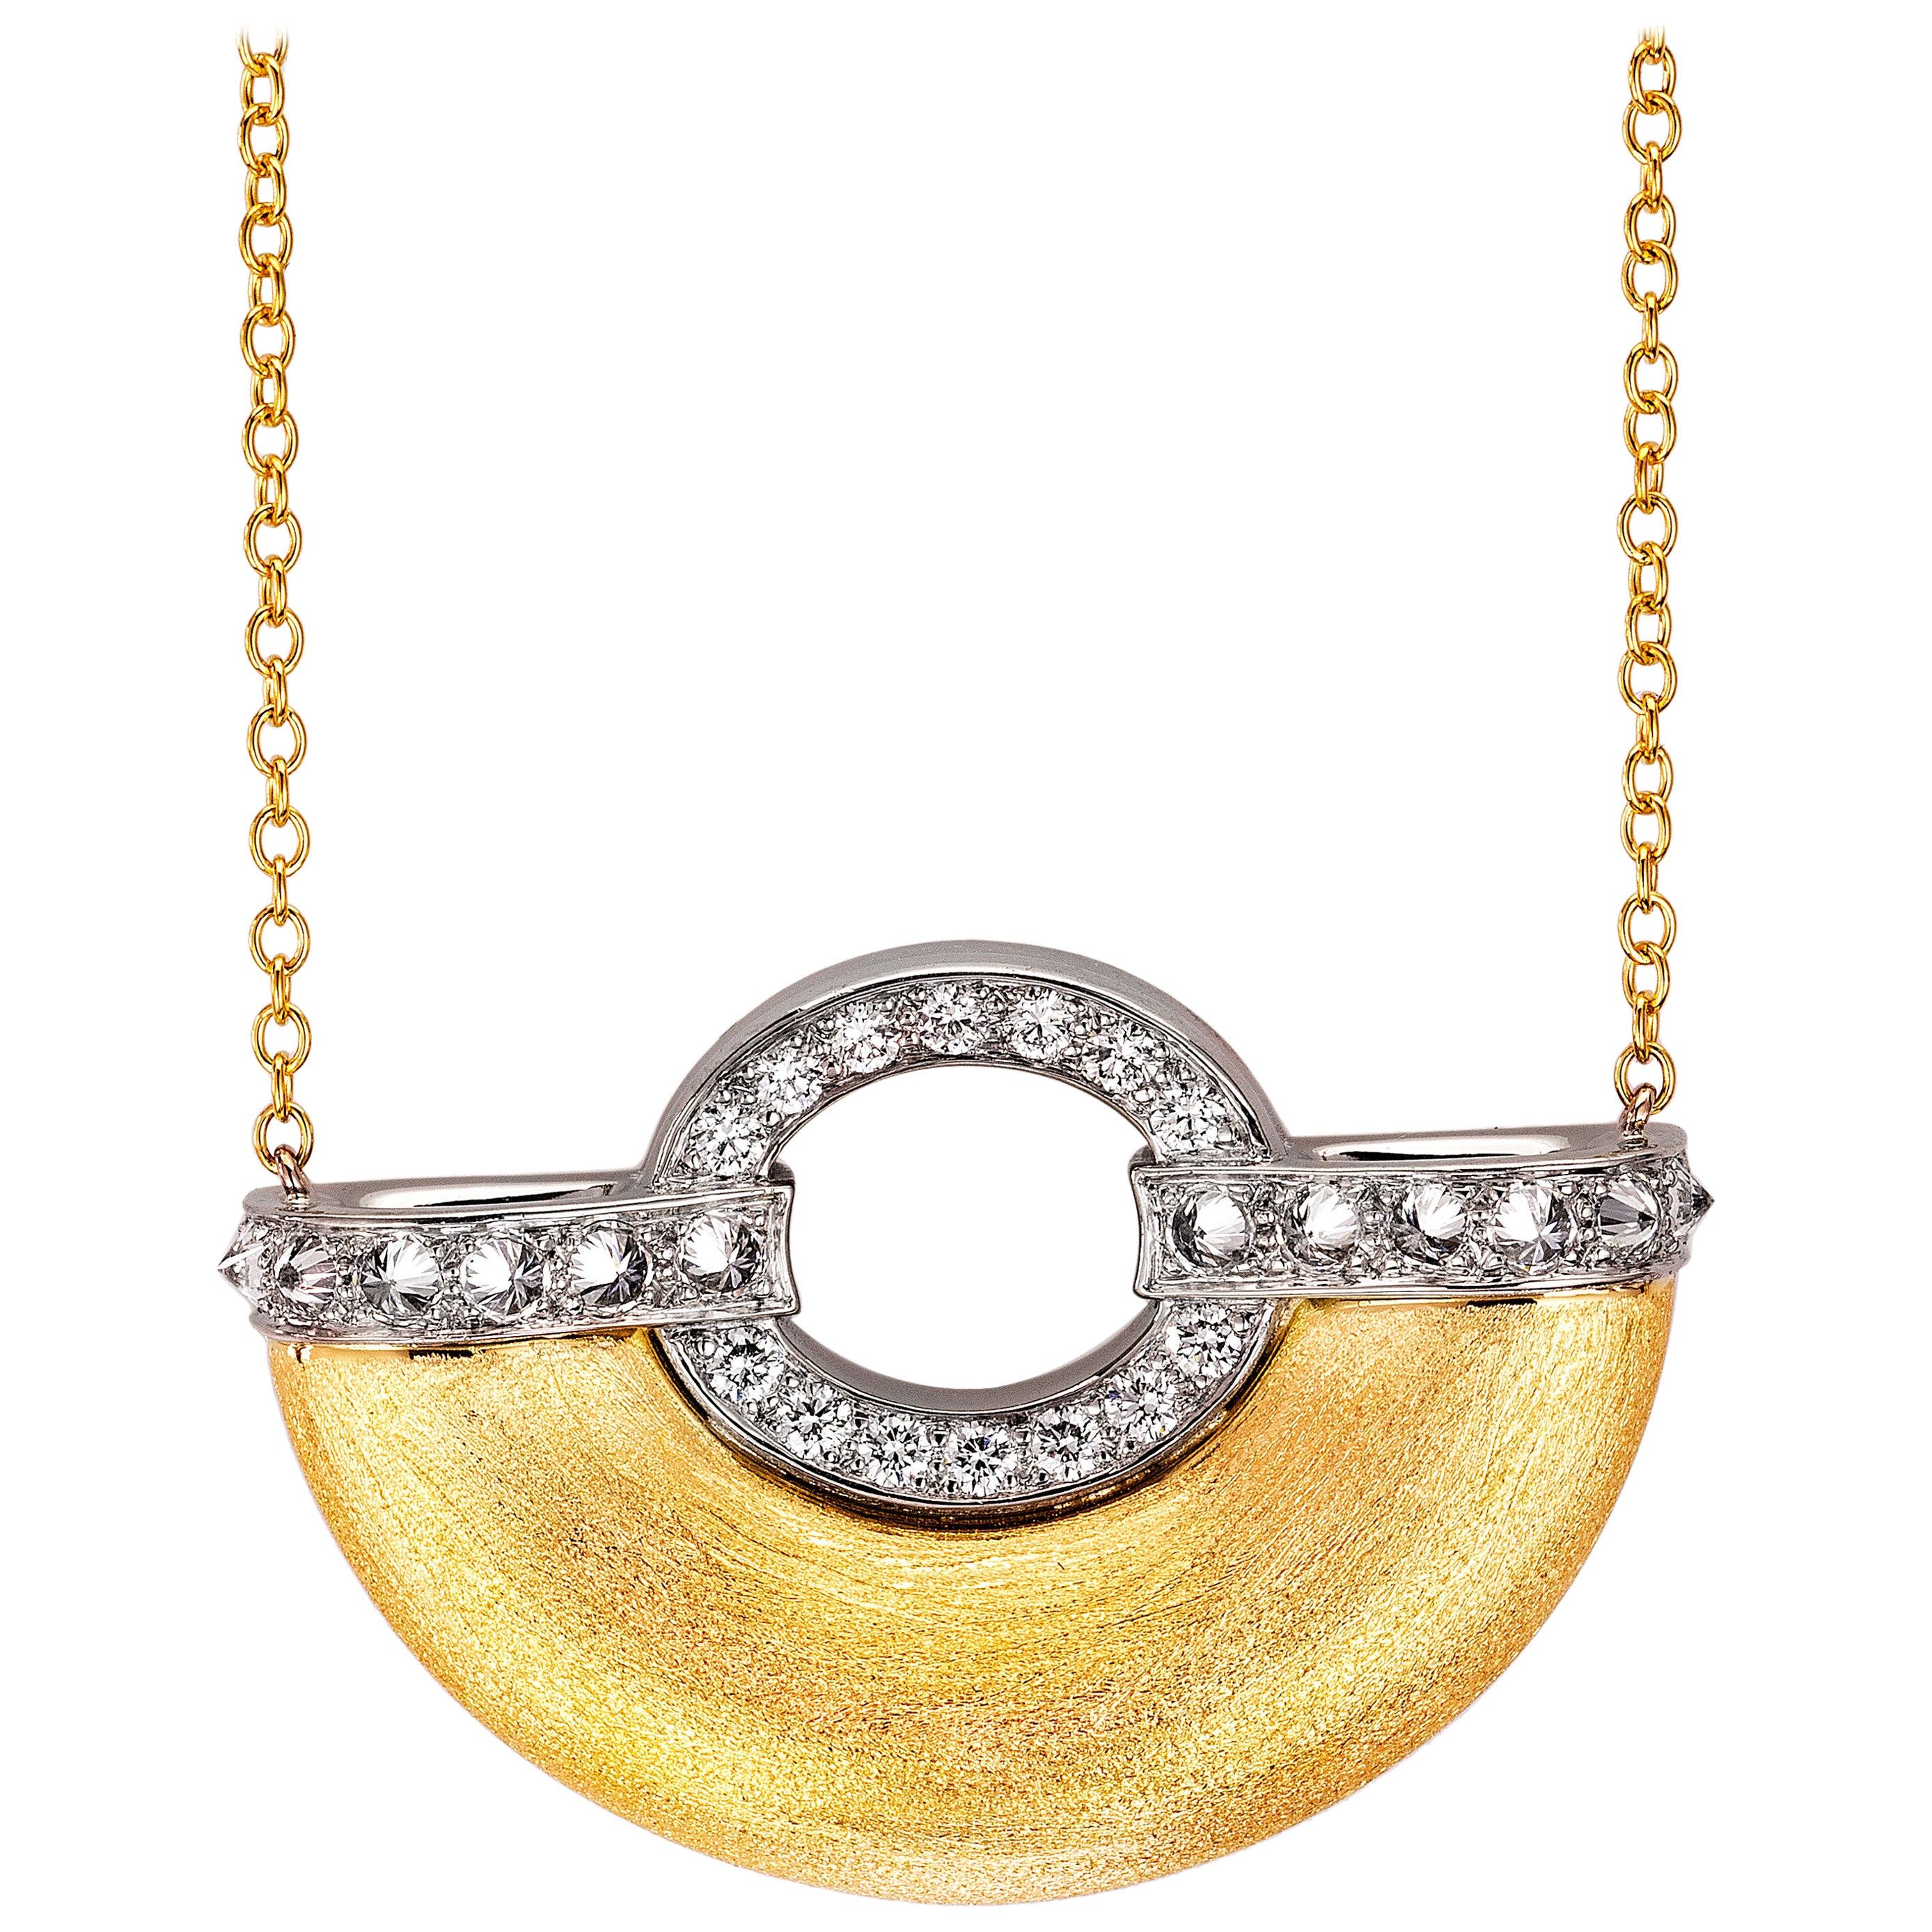 AnaKatarina 18k Yellow Gold, Palladium, Diamonds 'Girl From Ipanema' Necklace